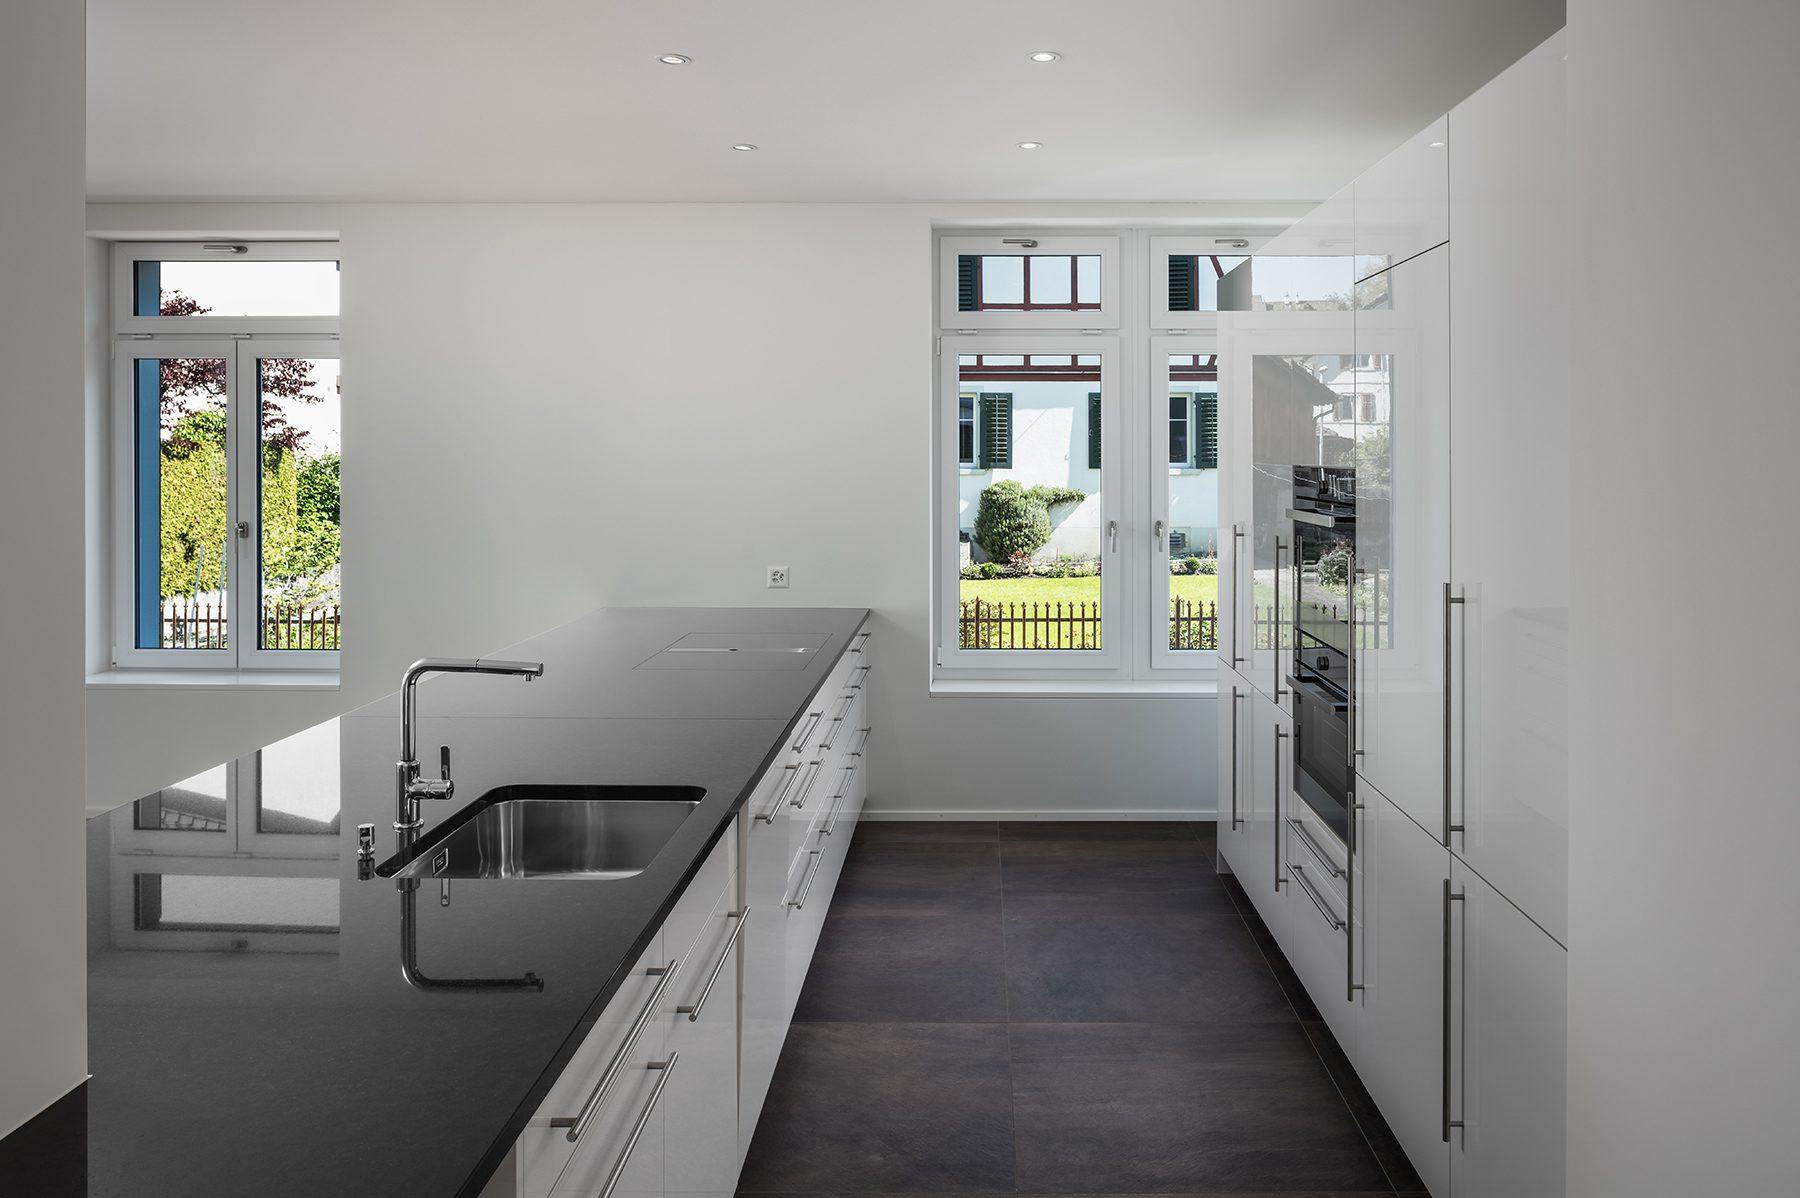 Sanfte Renovation einer Altbauwohnung - moderne Küche © by Gerry Pacher